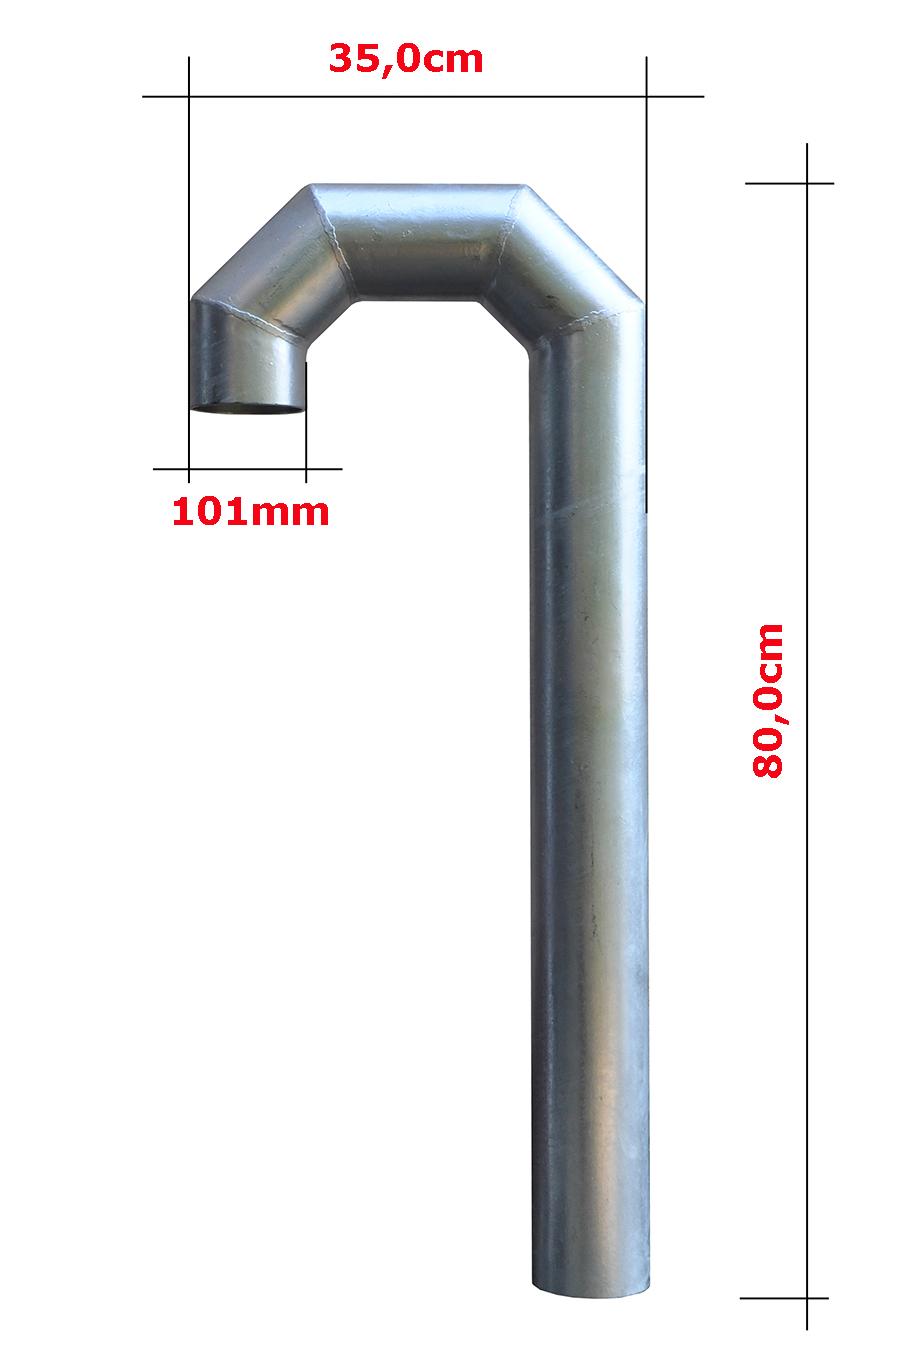 Przepust dachowy średnicy 101mm